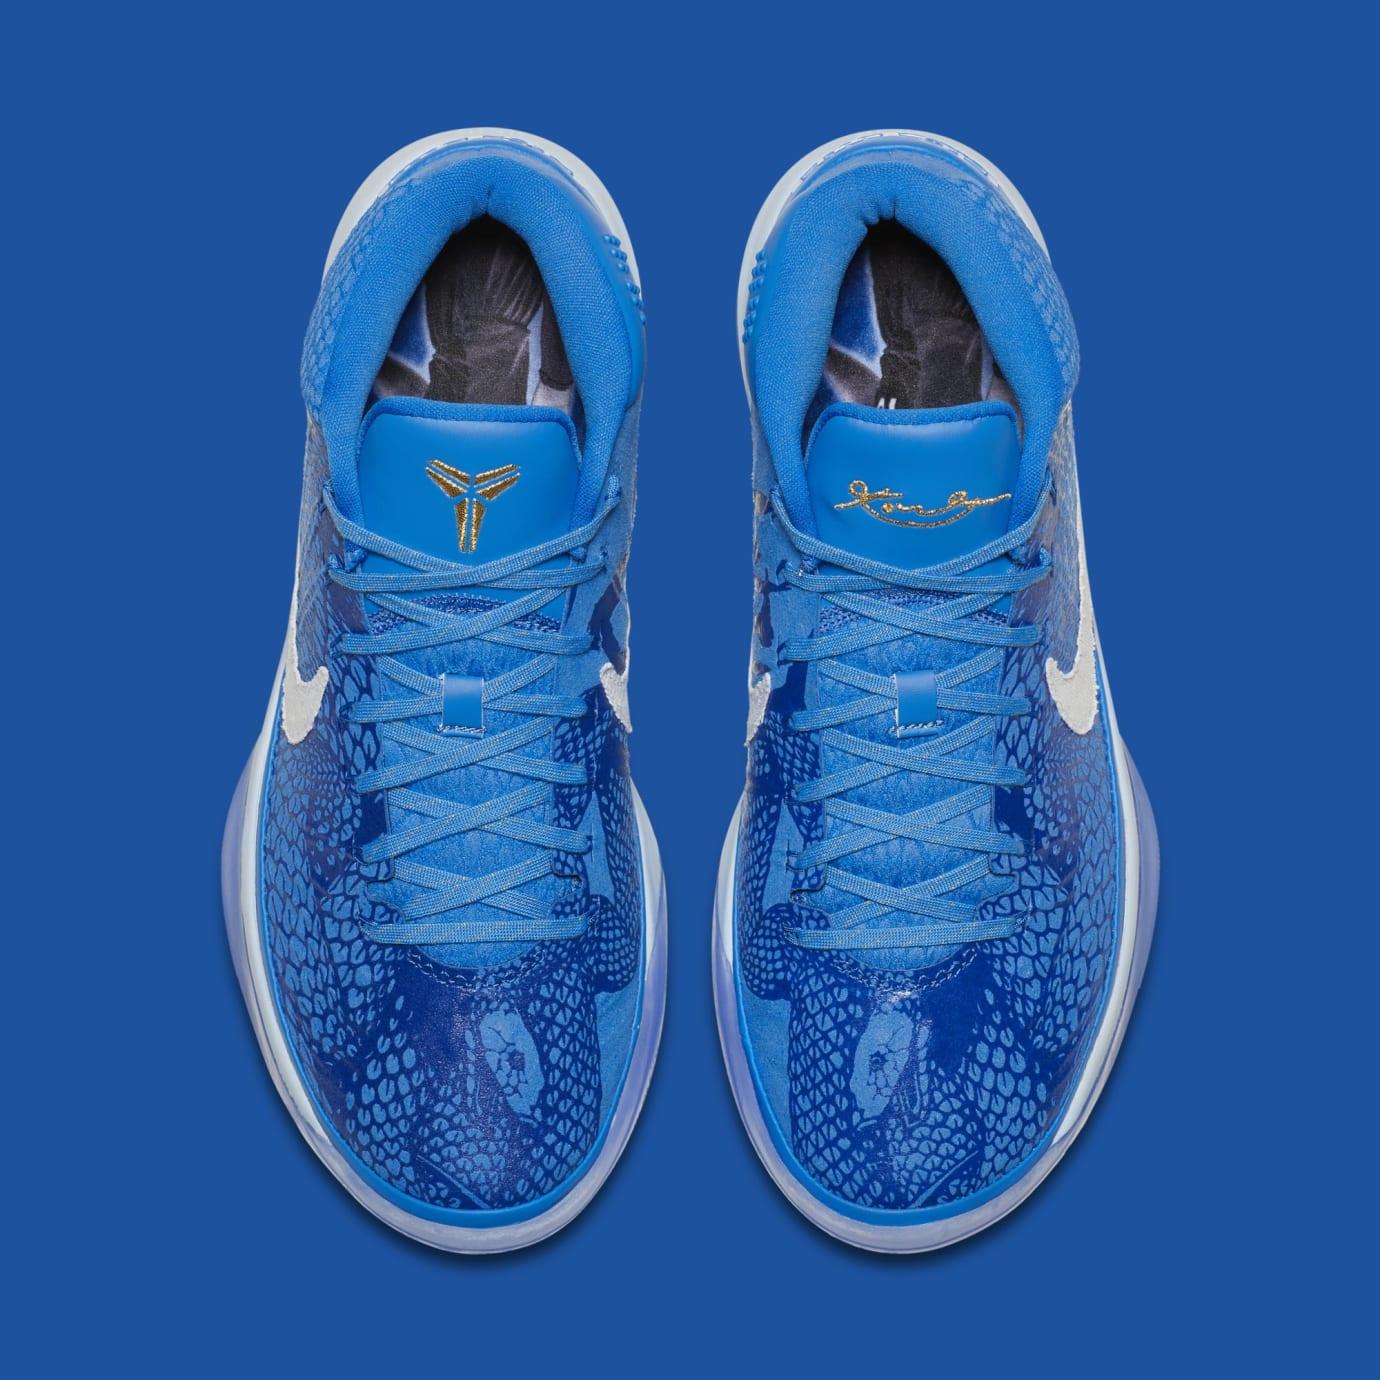 35b676f406c2 Image via Nike Nike Kobe A.D. Mid DeMar DeRozan PE AQ2722-900 (Top)